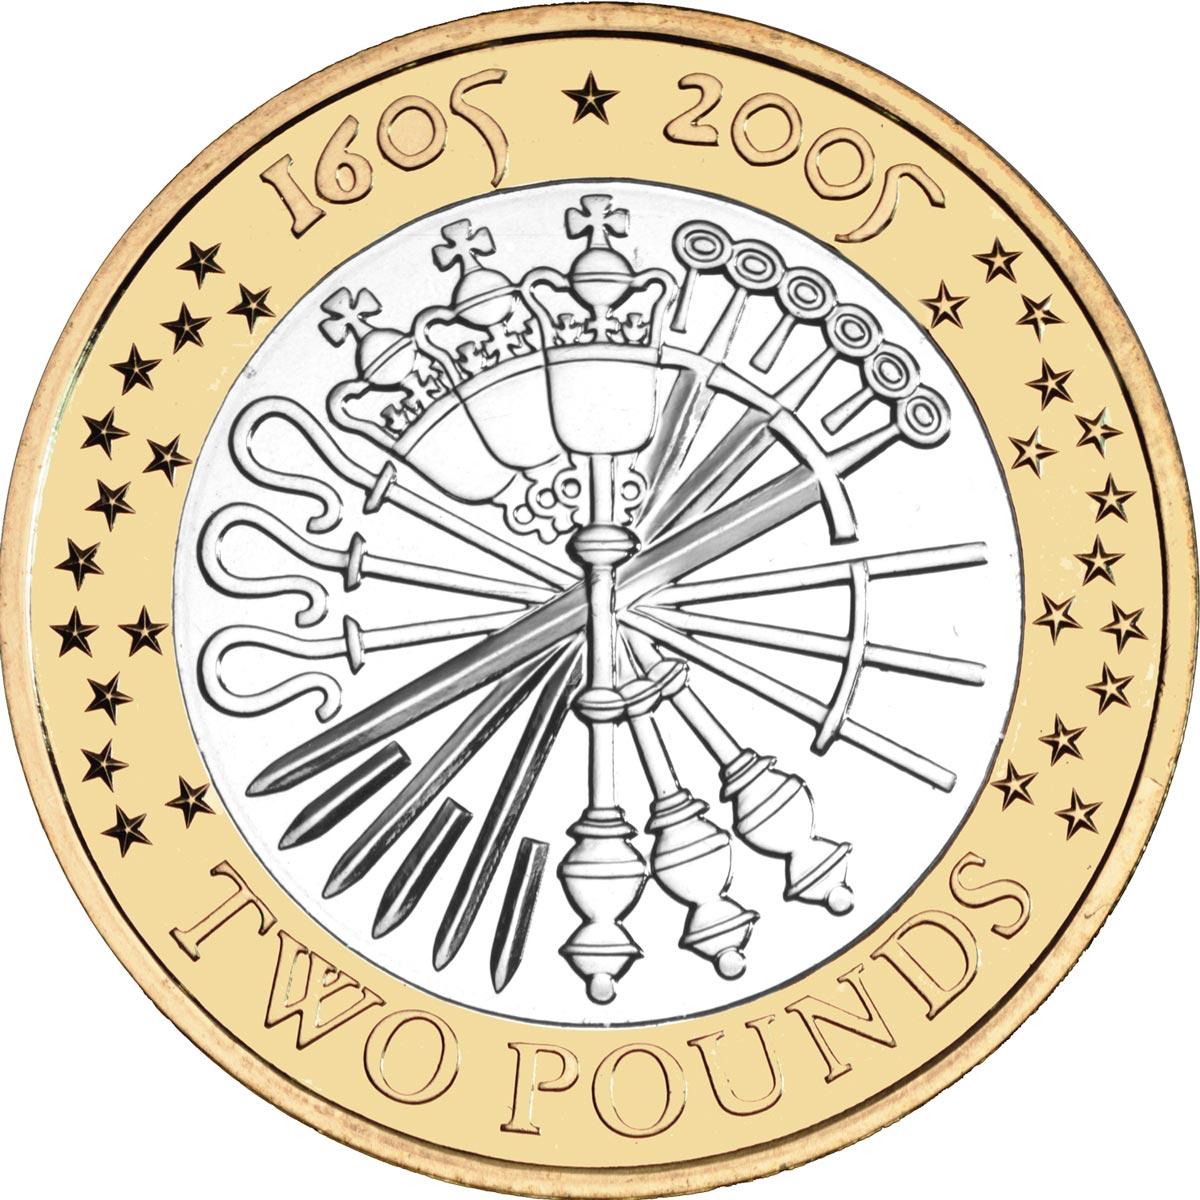 2 pound coin rare